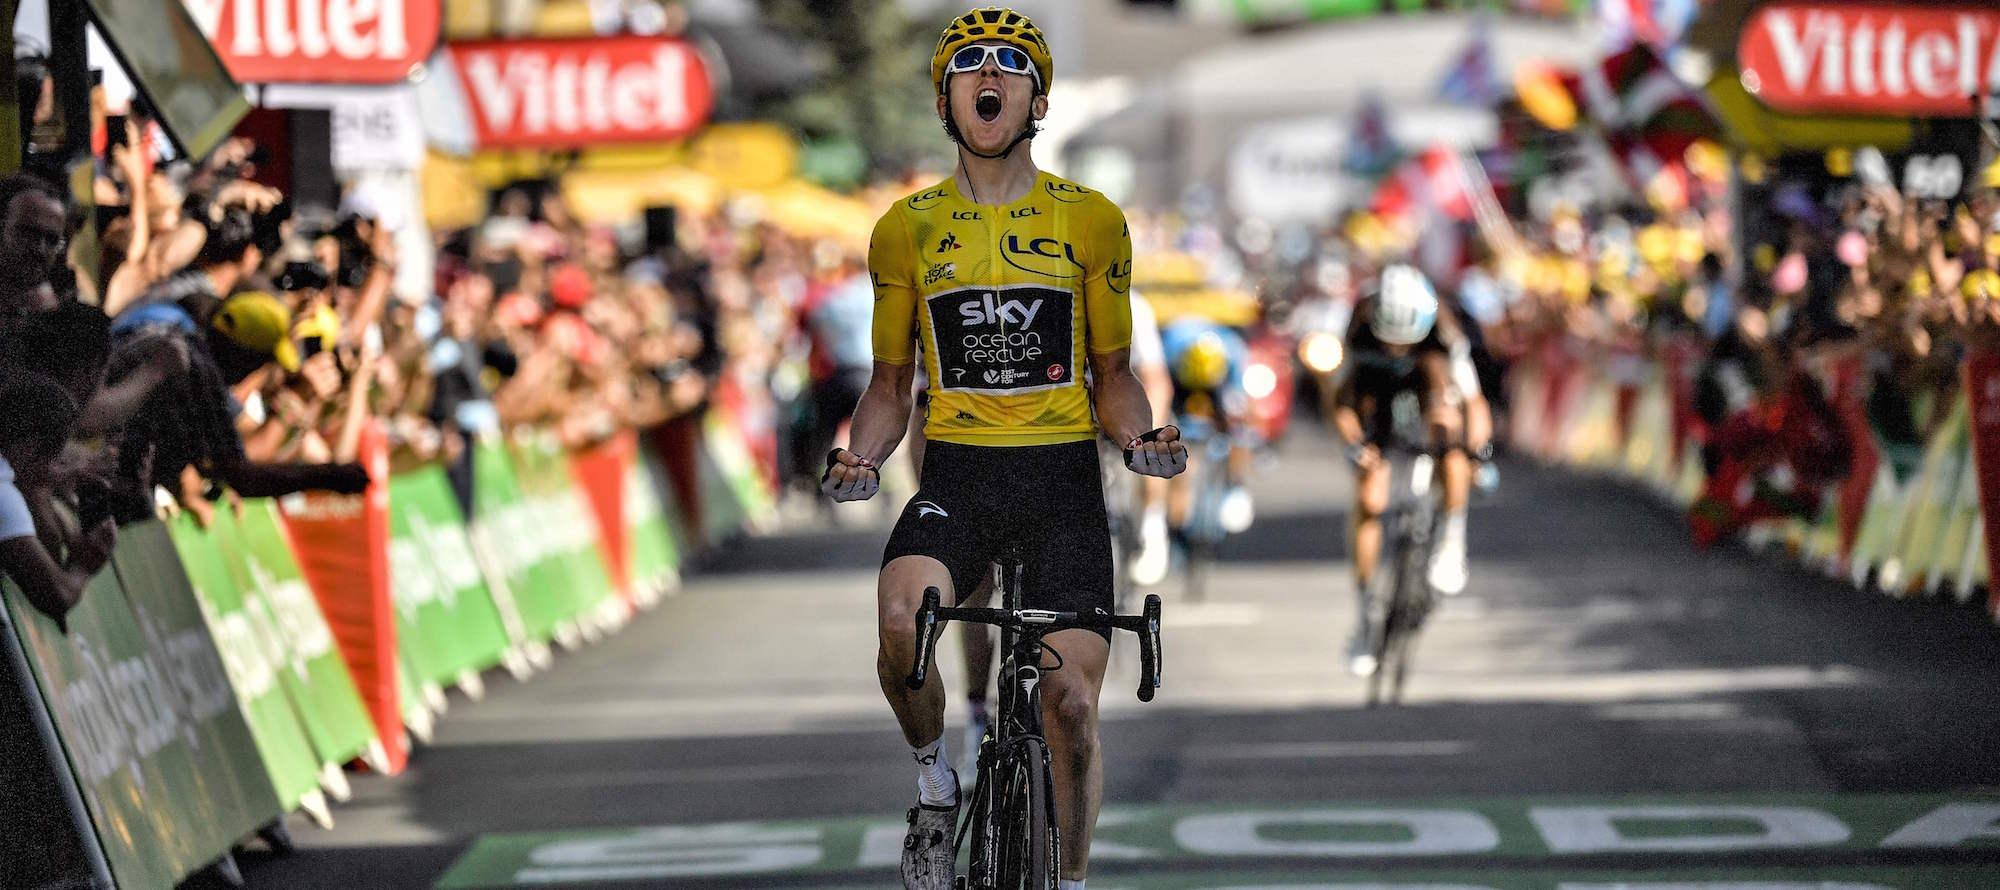 Tour de France 2018 GettyImages-1001872636-promo